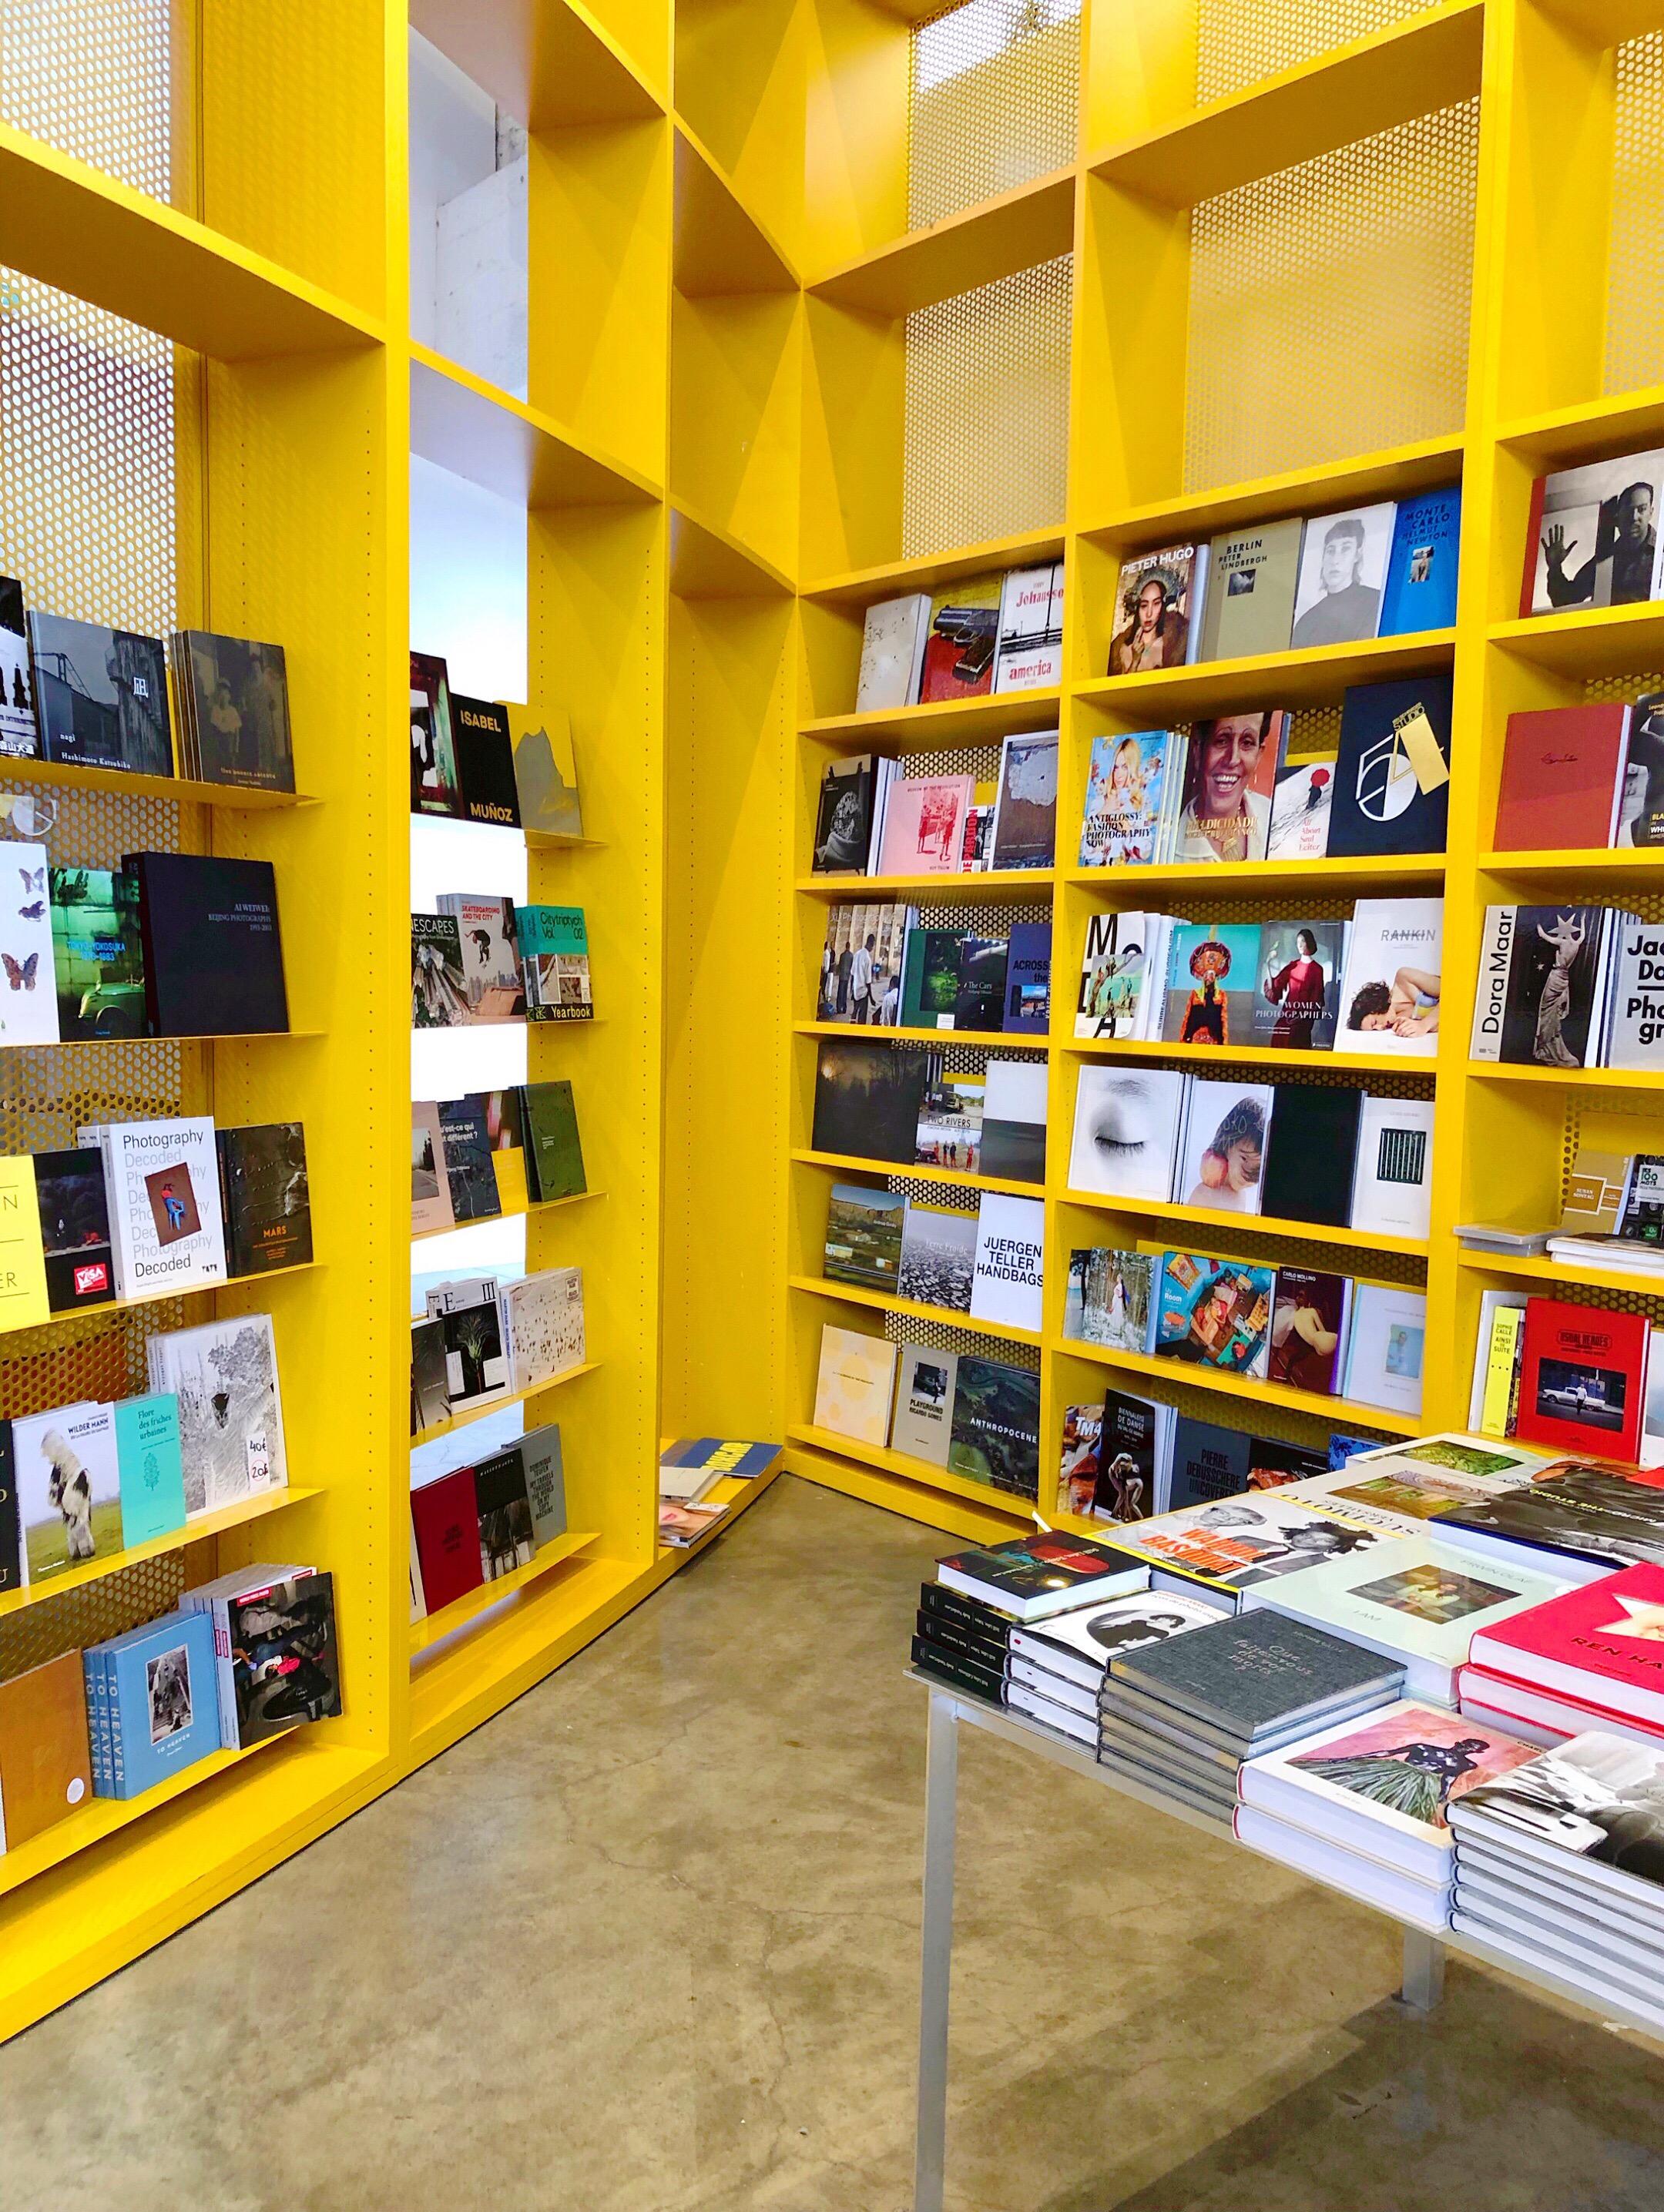 Palais de Tokyo bookstore